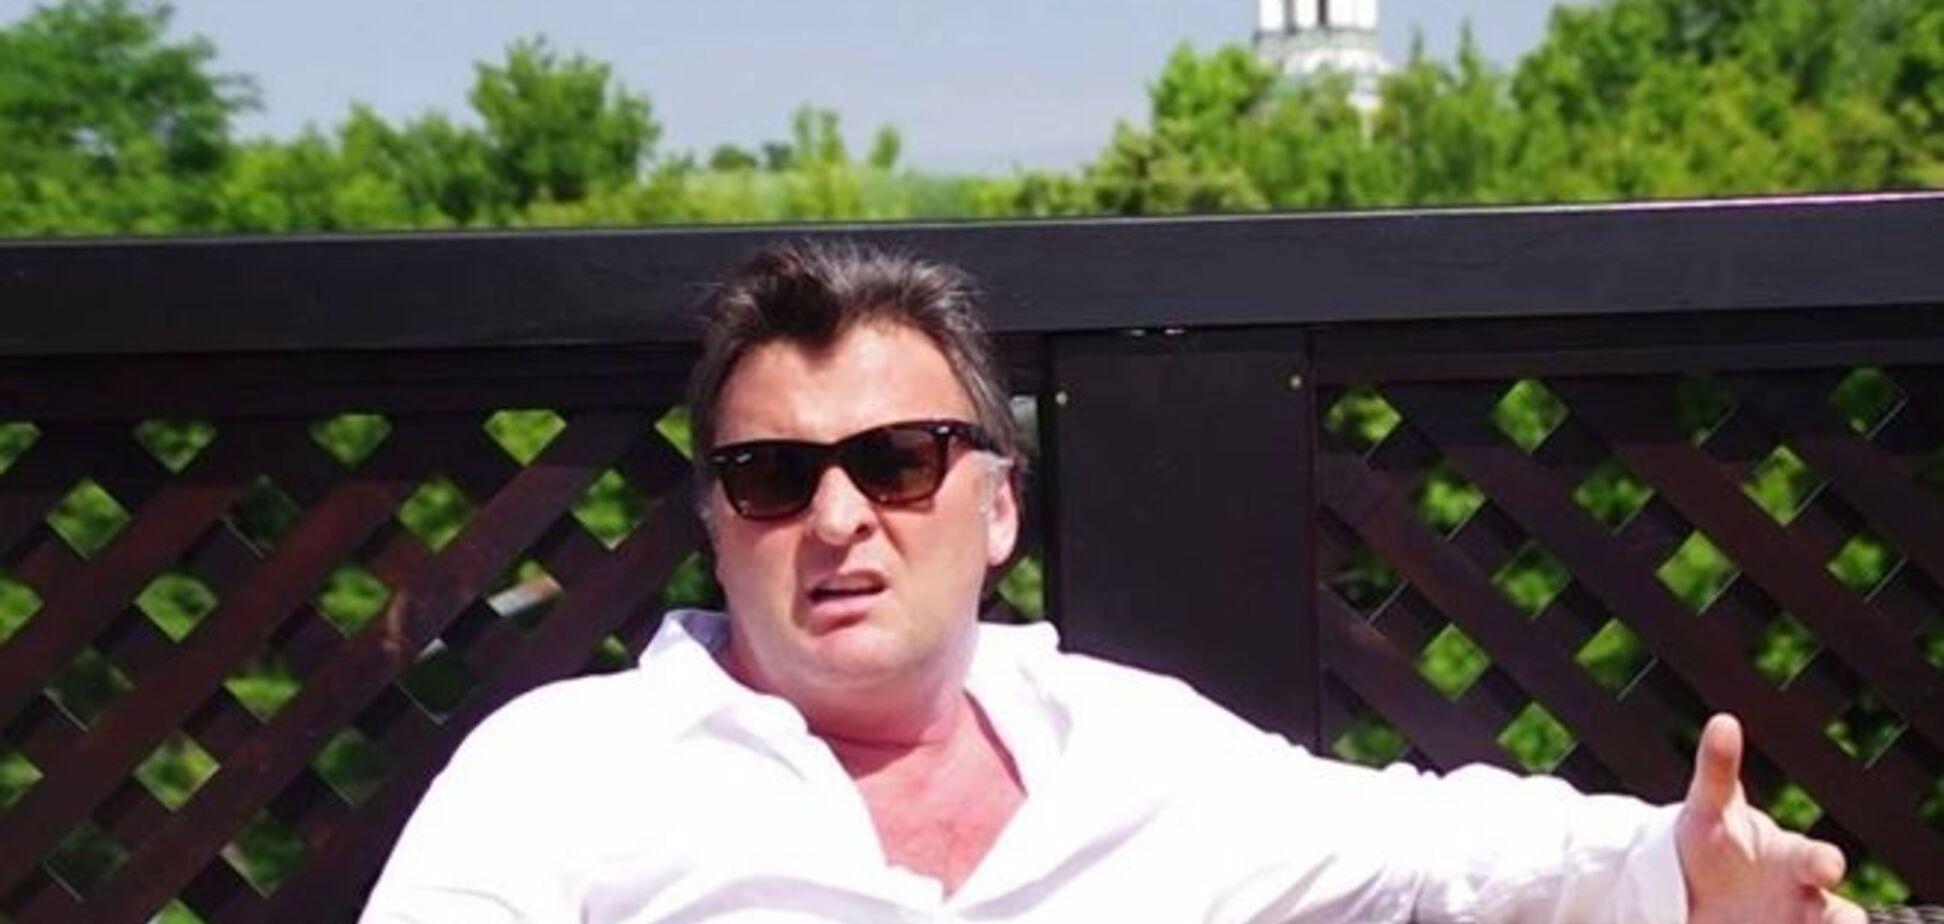 Экс-нардеп Балашов рассказал настоящую историю своей семьи